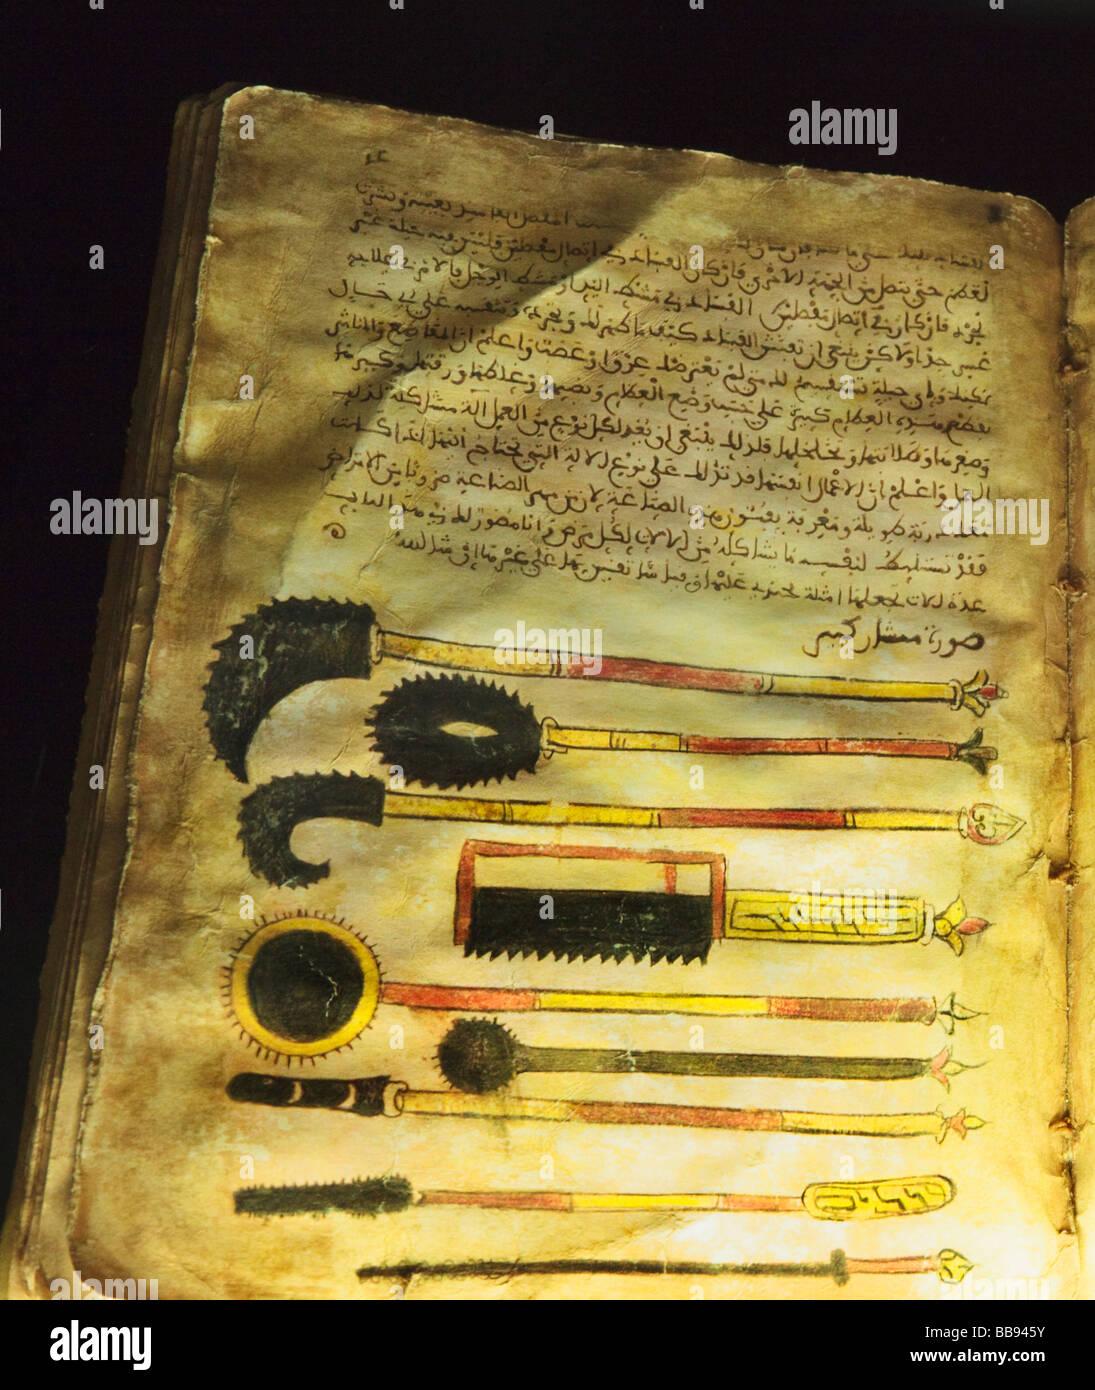 Le illustrazioni degli strumenti chirurgici da un secolo XIII libro trattato di medicina da al Zahrawi Immagini Stock